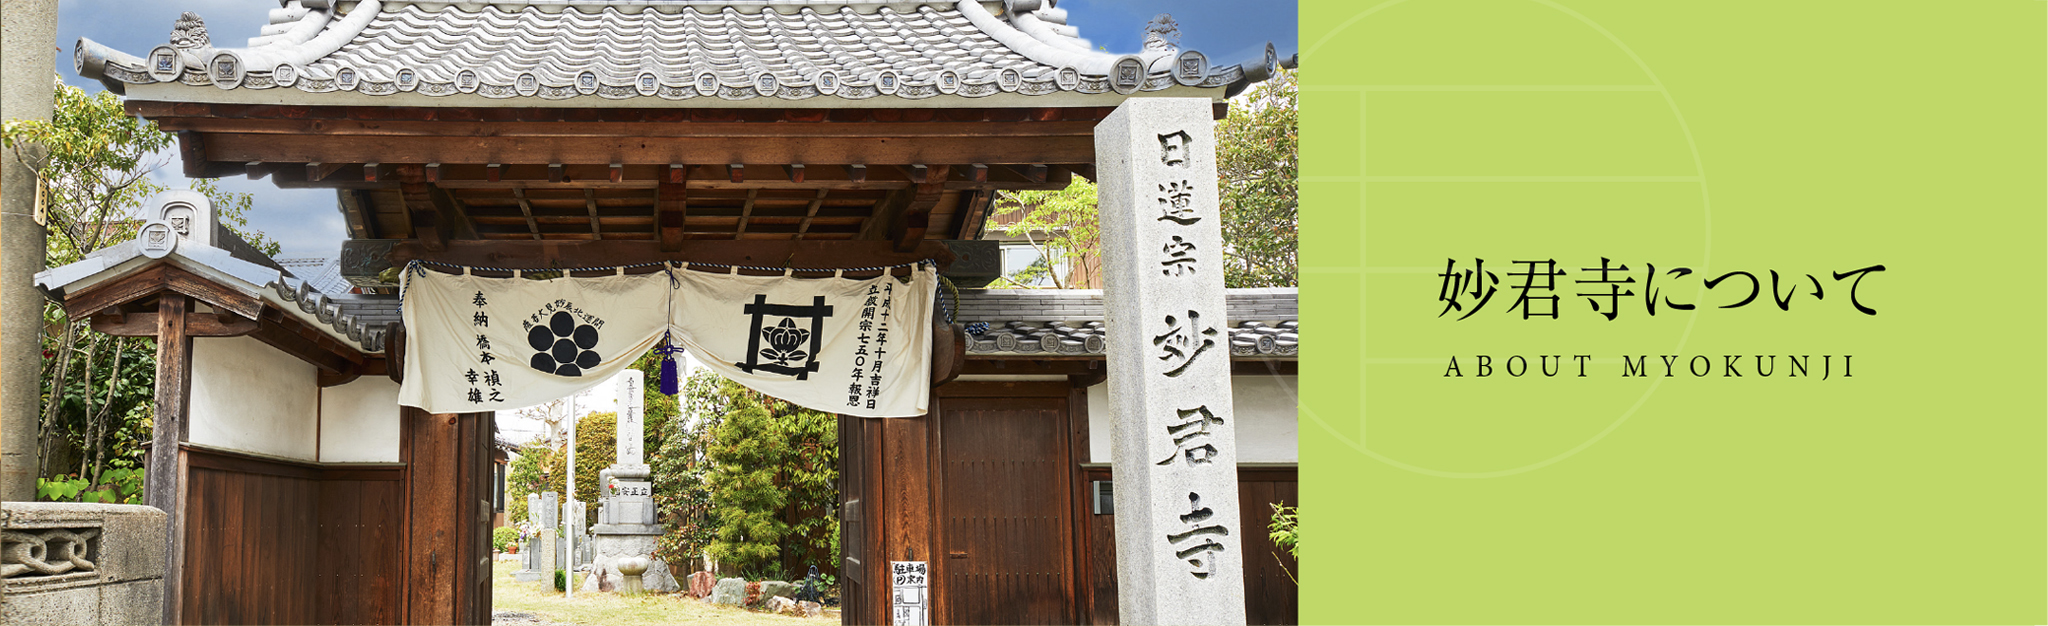 妙君寺についてイメージ